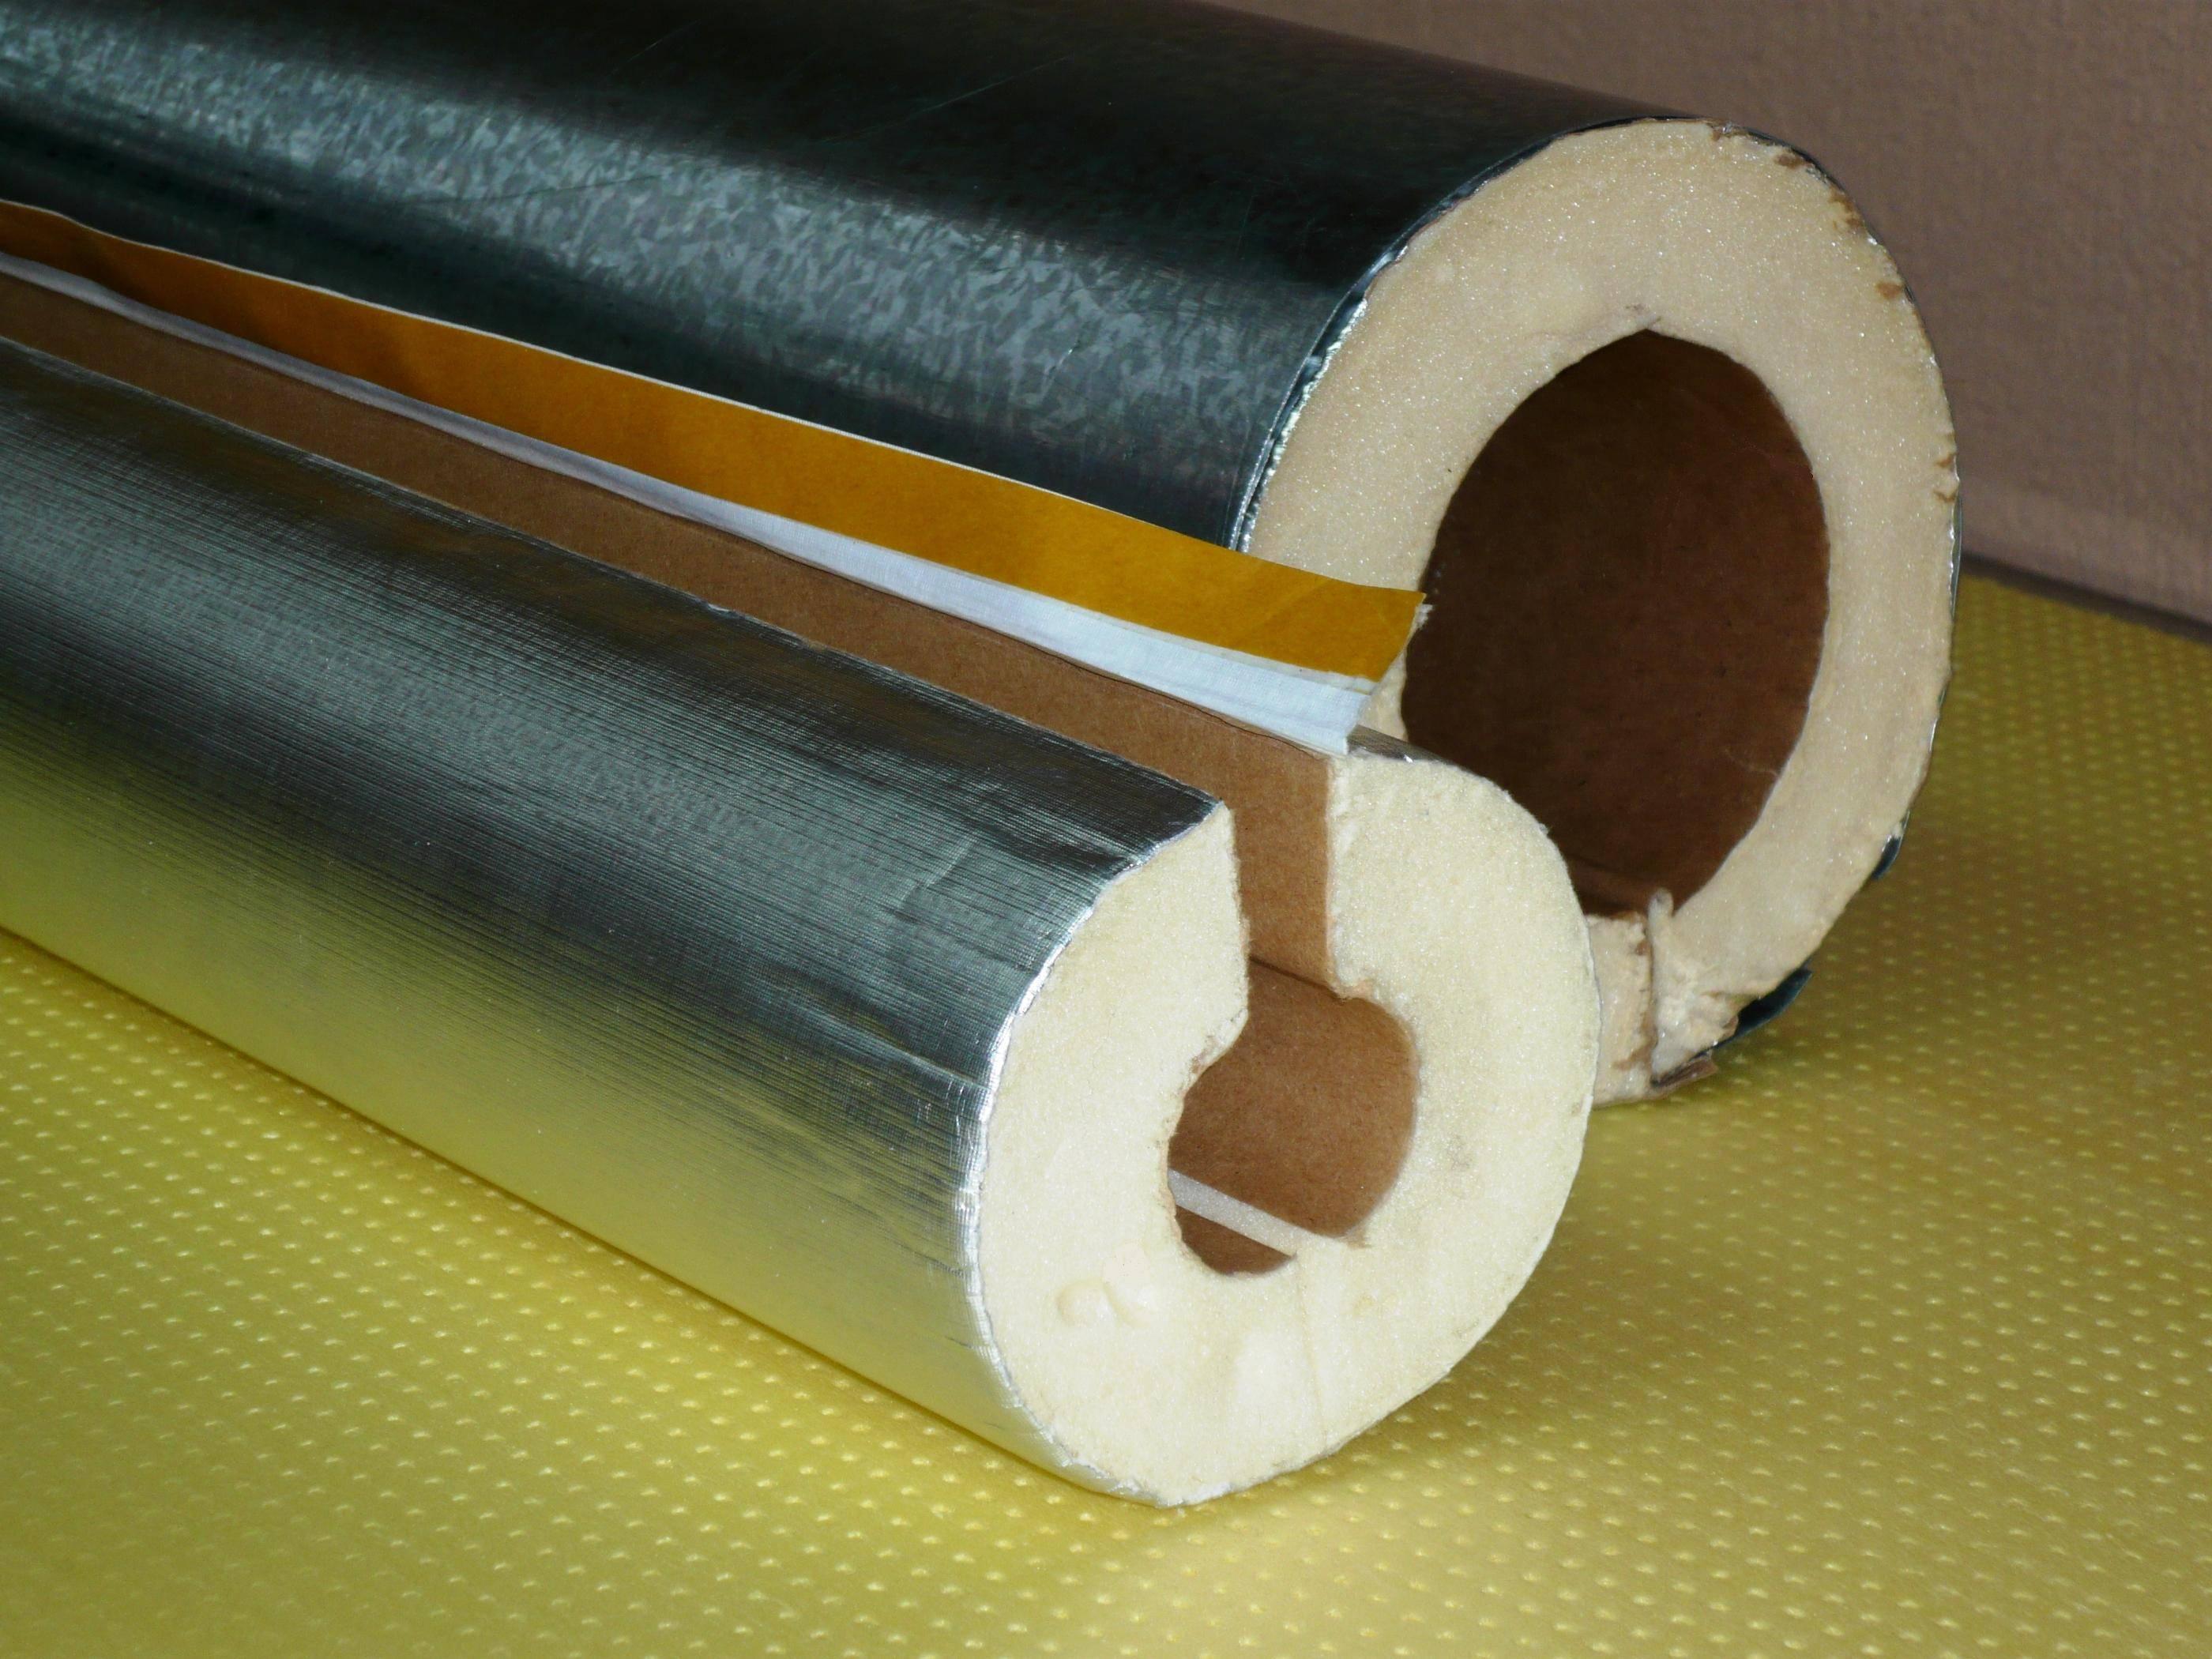 Теплоизоляция для труб отопления: теплоизолированные трубы, изоляционный материал, чем лучше изолировать, детали на фото и видео